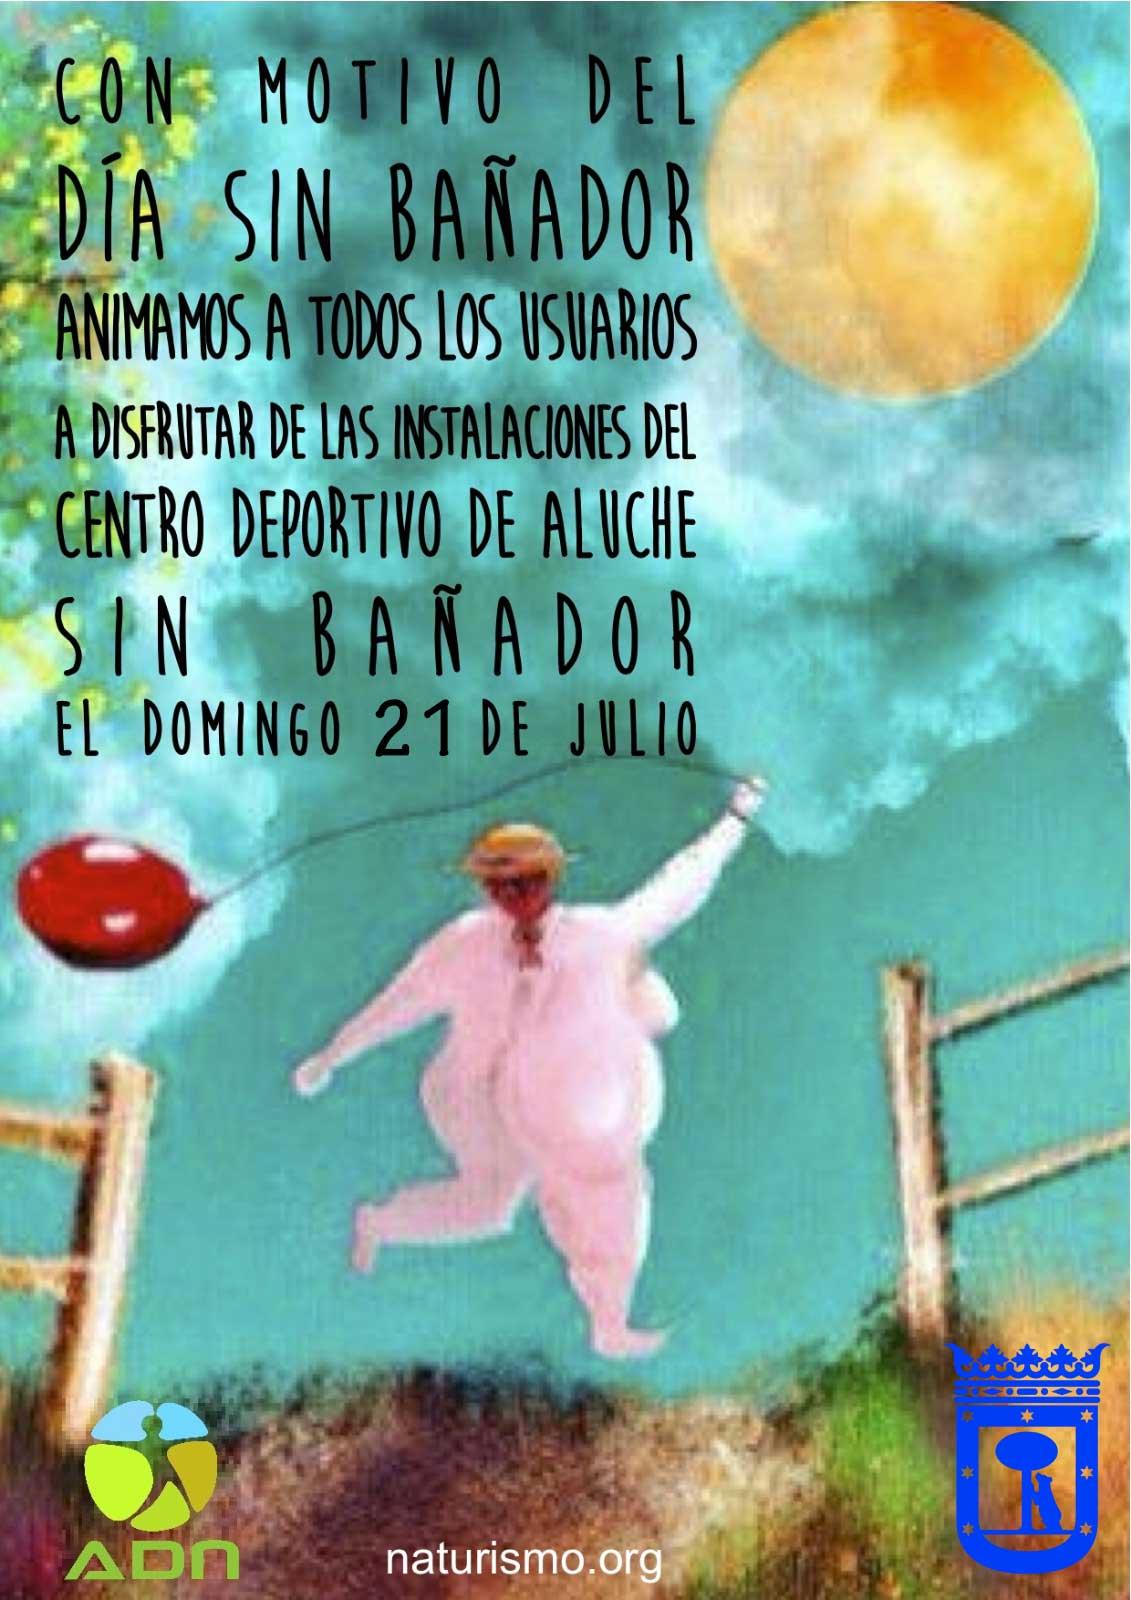 Aluche 21 de julio día sin bañador 2019. Madrid. ADN